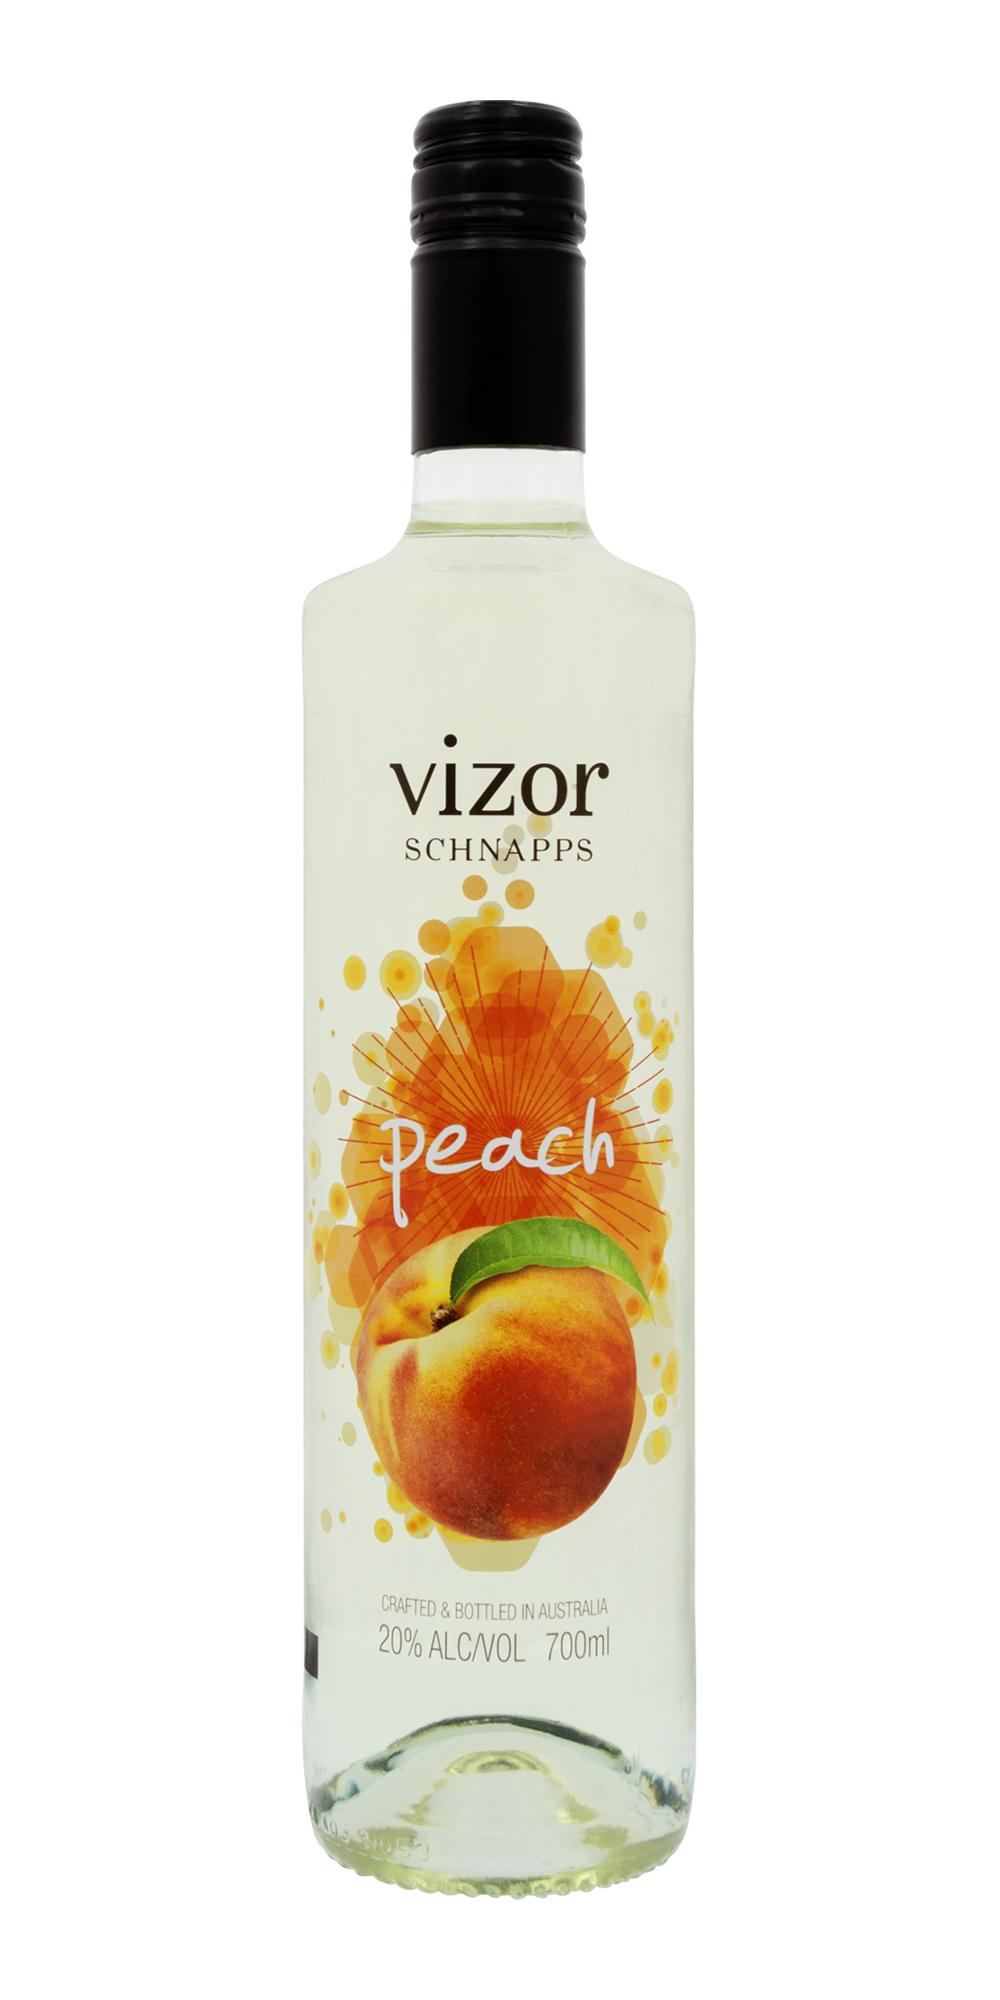 Vizor Peach Schnapps